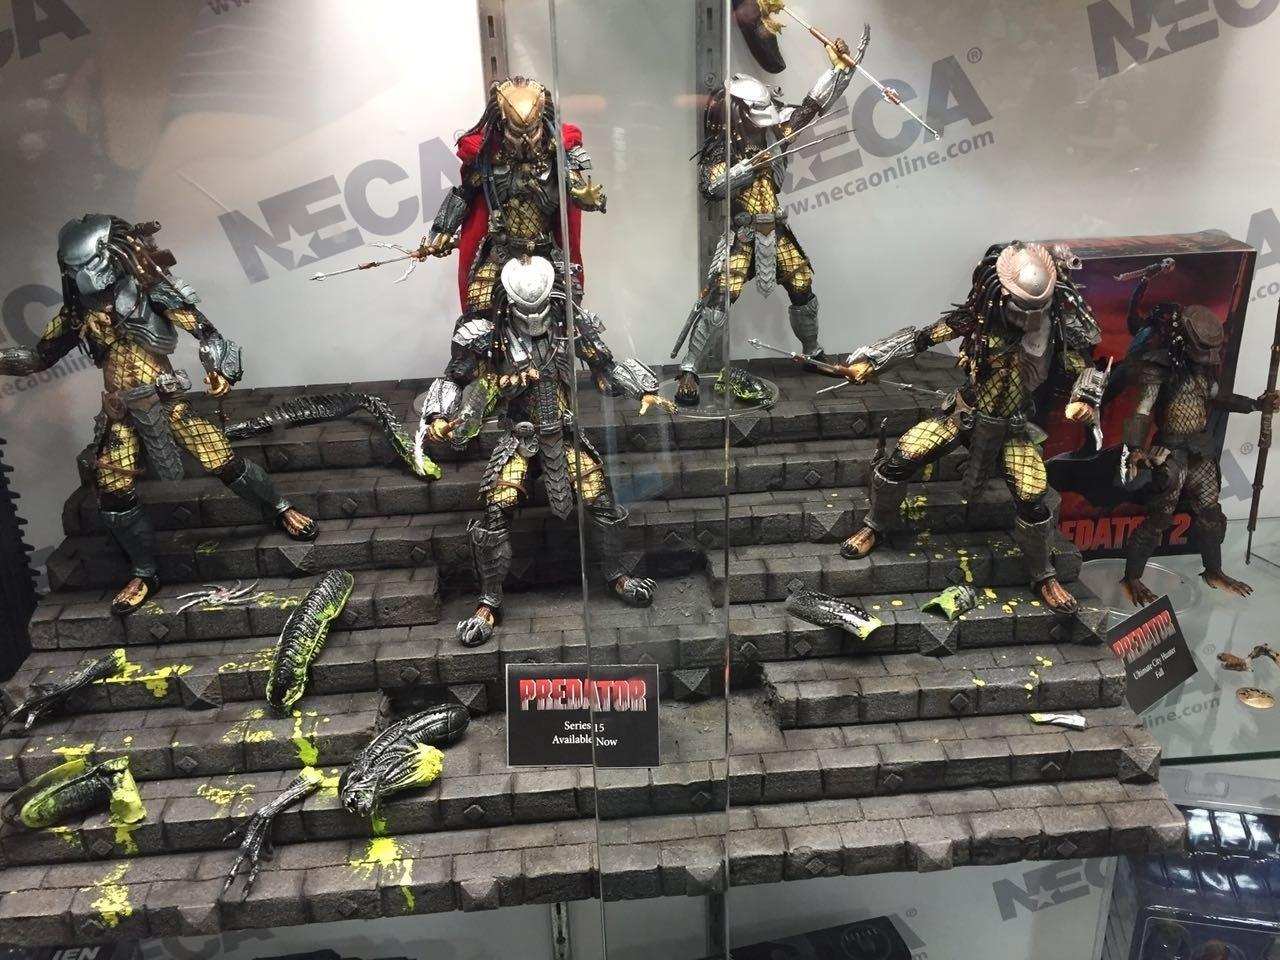 Quem montou essa vitrine de bonecos claramente torce para o time Predador - olhe os pedaços de um Alien espalhados